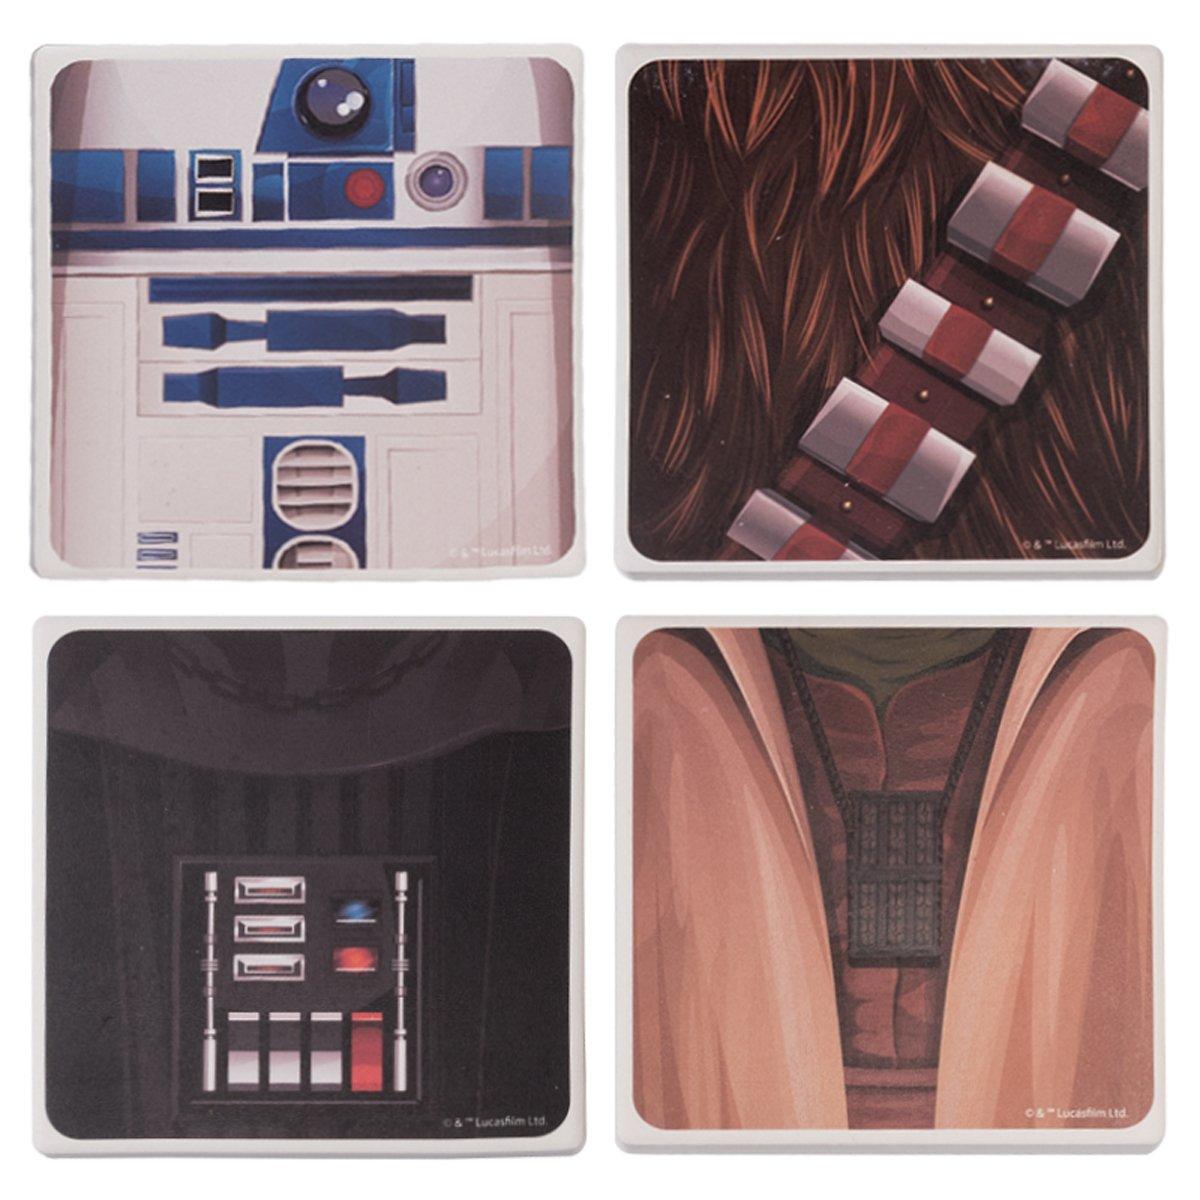 Vandor 99385 Star Wars 4 Piece Ceramic Coaster Set, Multicolored